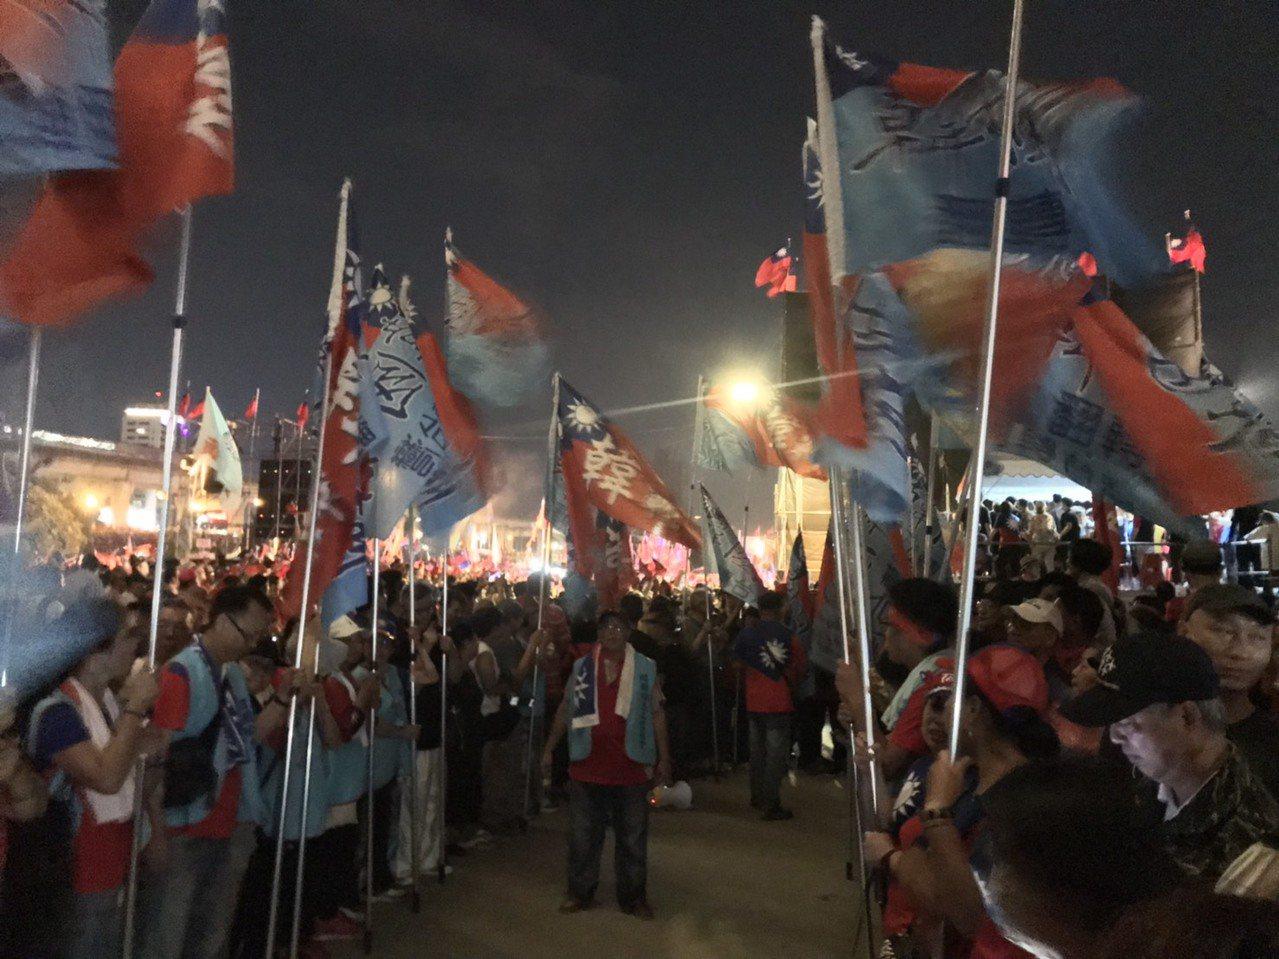 韓國瑜還未到會場,就已有韓粉手舉旗幟,列隊在現場等候。記者柯毓庭/攝影